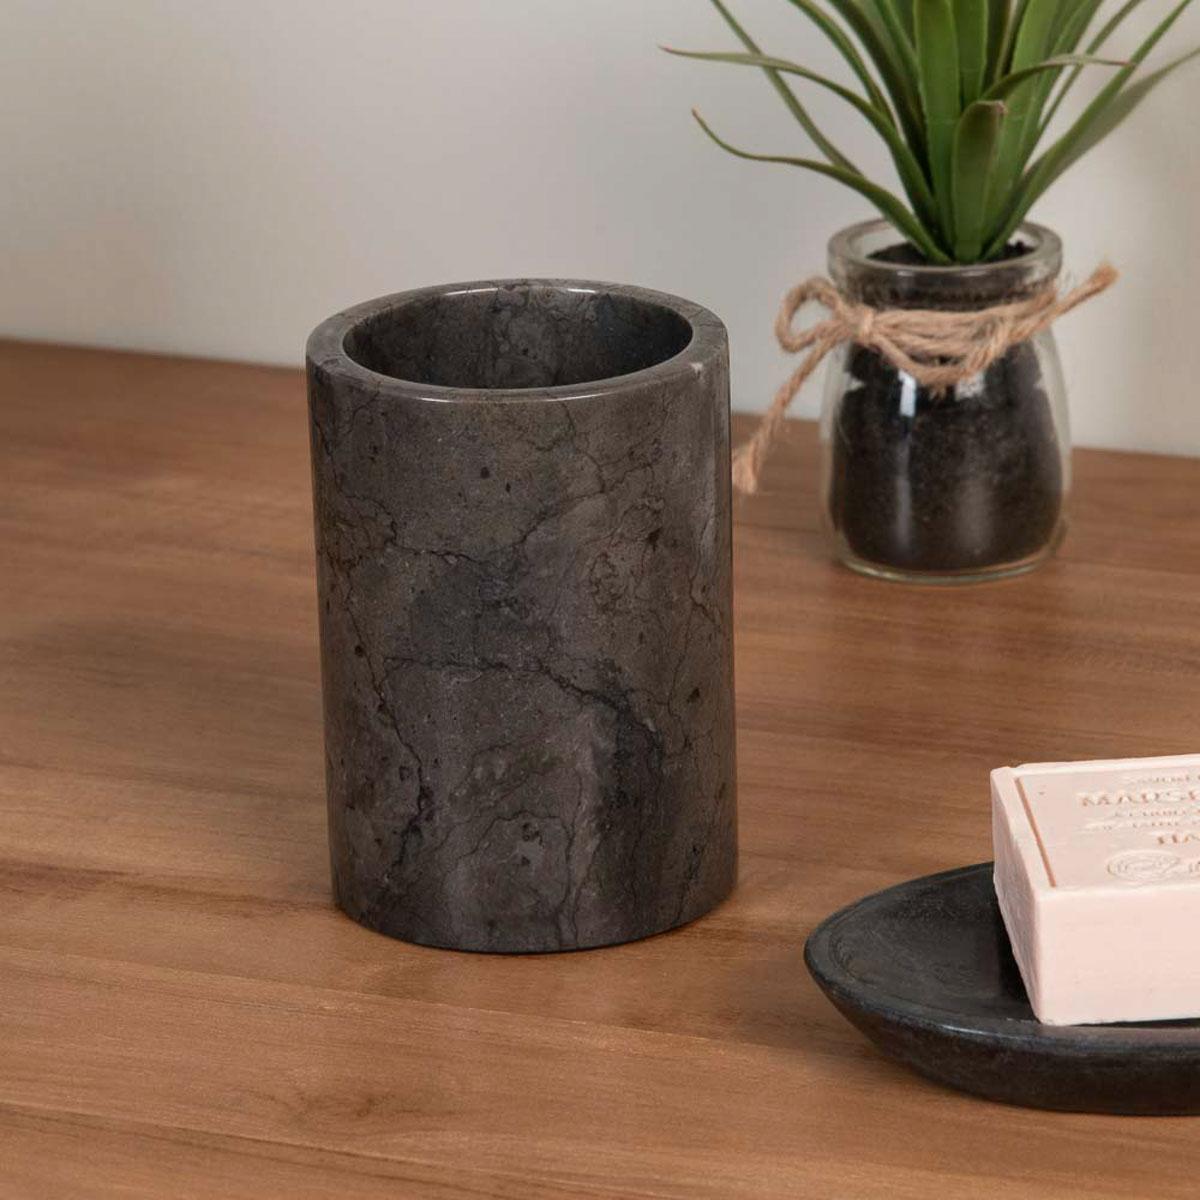 Gobelet porte savon de salle de bain en marbre noir d for Porte gobelet salle de bain